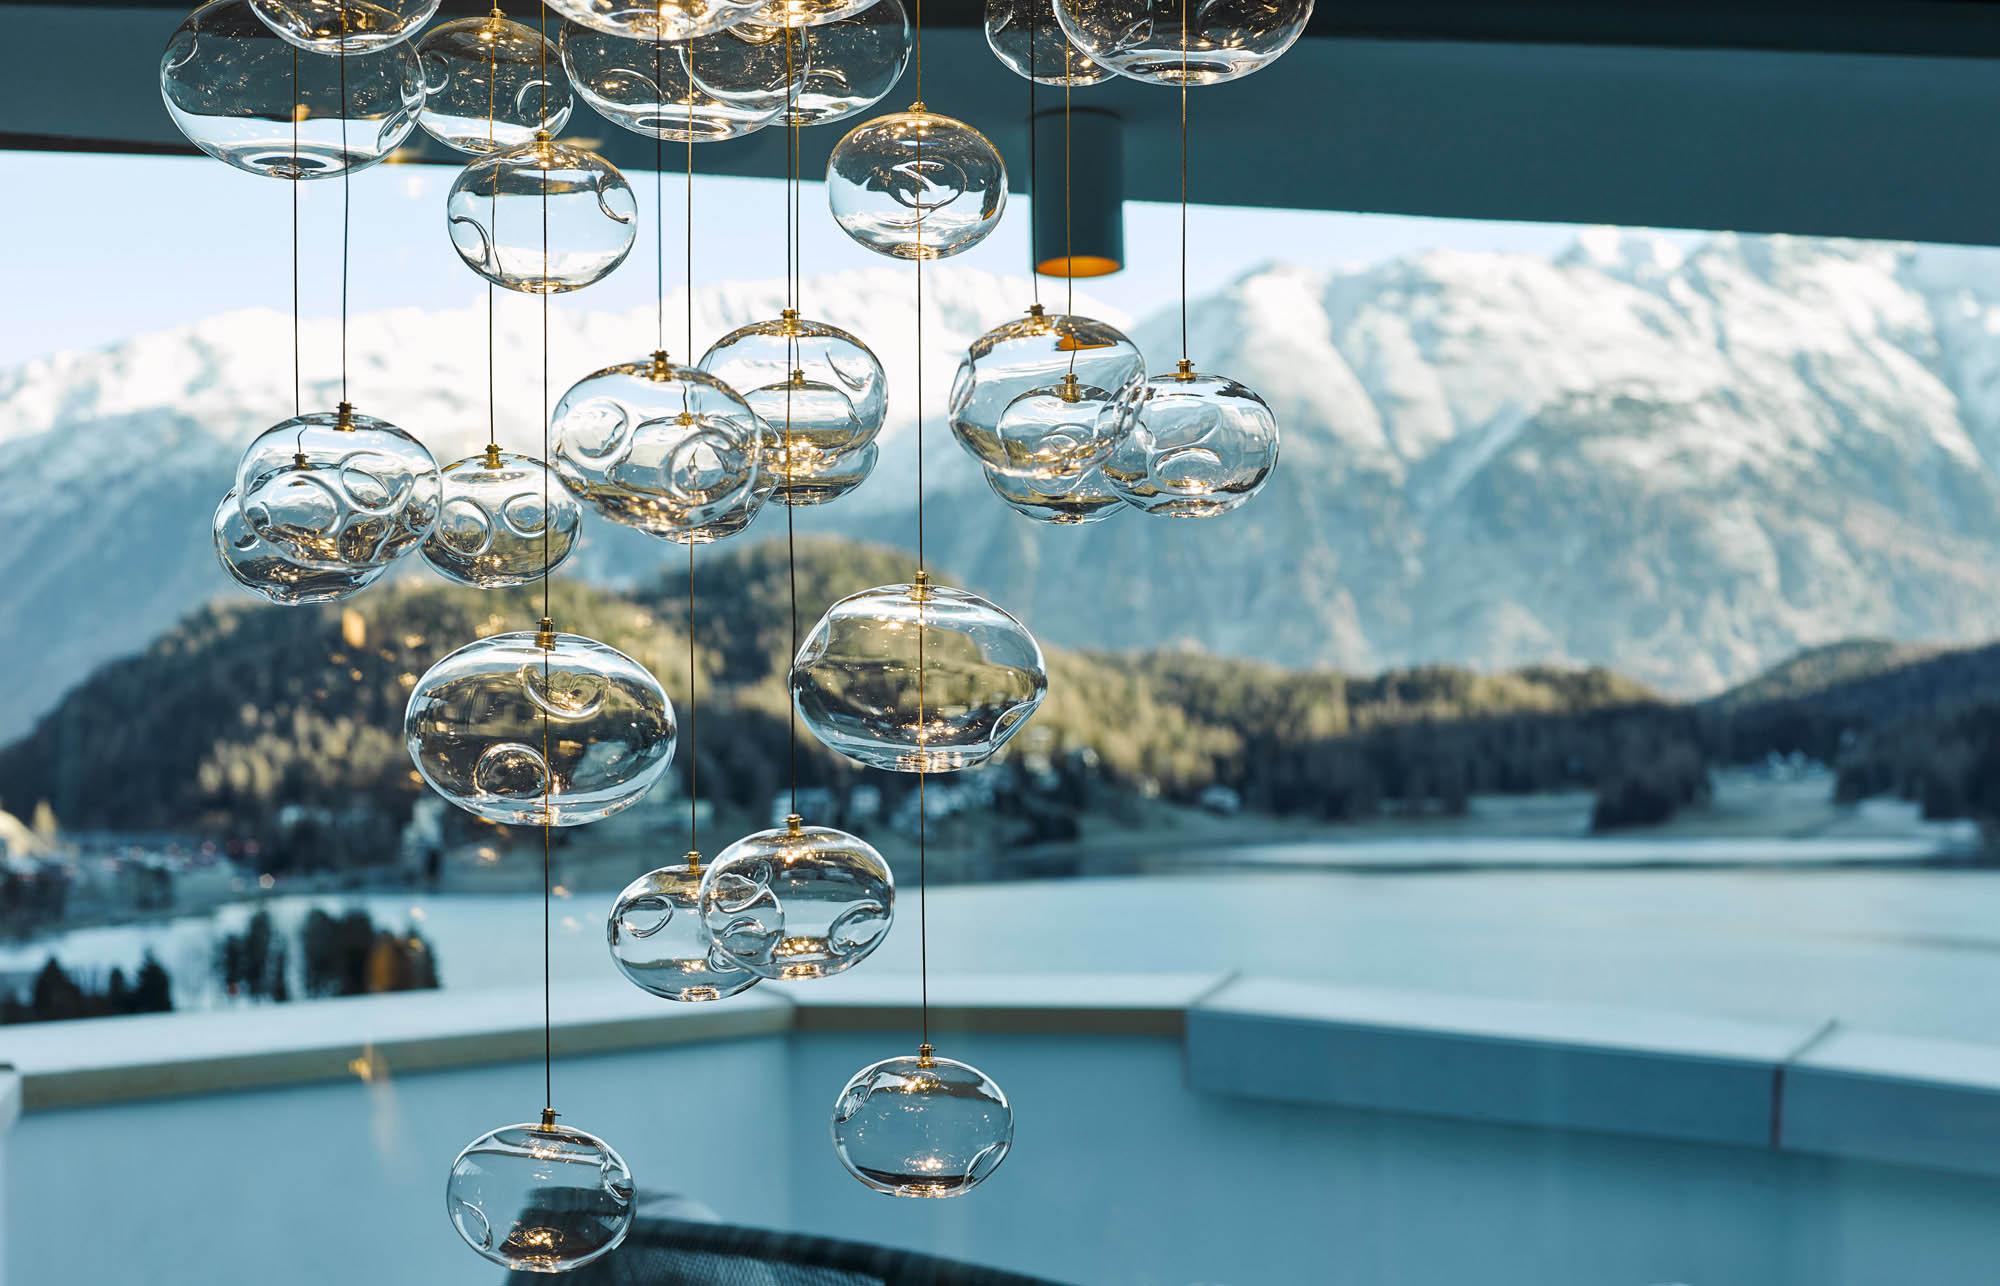 OPC 151127 0012 - Penthouse St. Moritz: Frisch eingerichtet, frisch abgelichtet